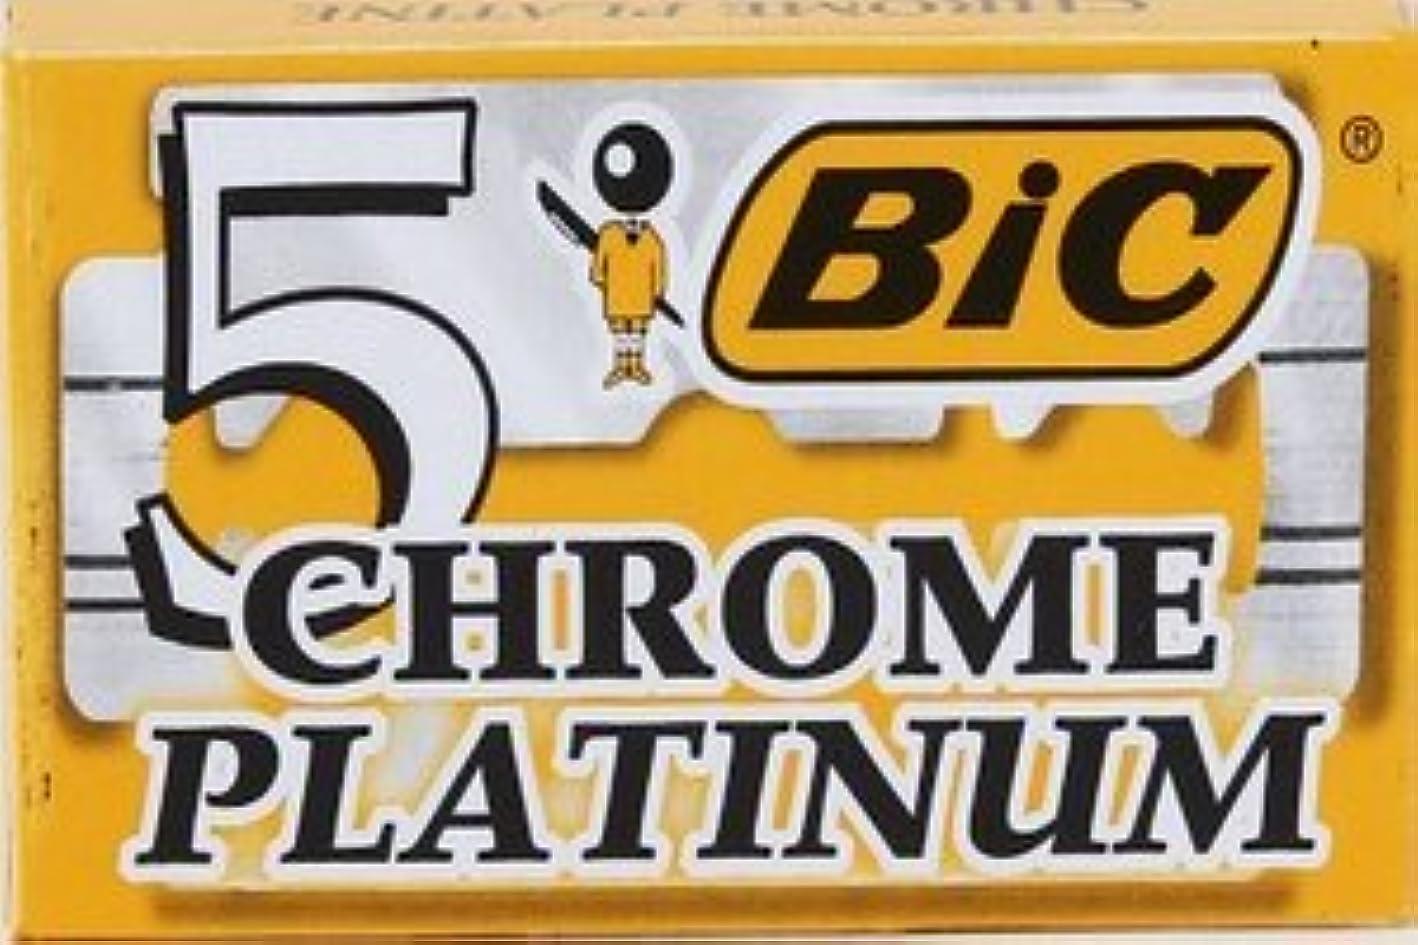 事実餌角度BIC Chrome Platinum 両刃替刃 5枚入り(5枚入り1 個セット)【並行輸入品】